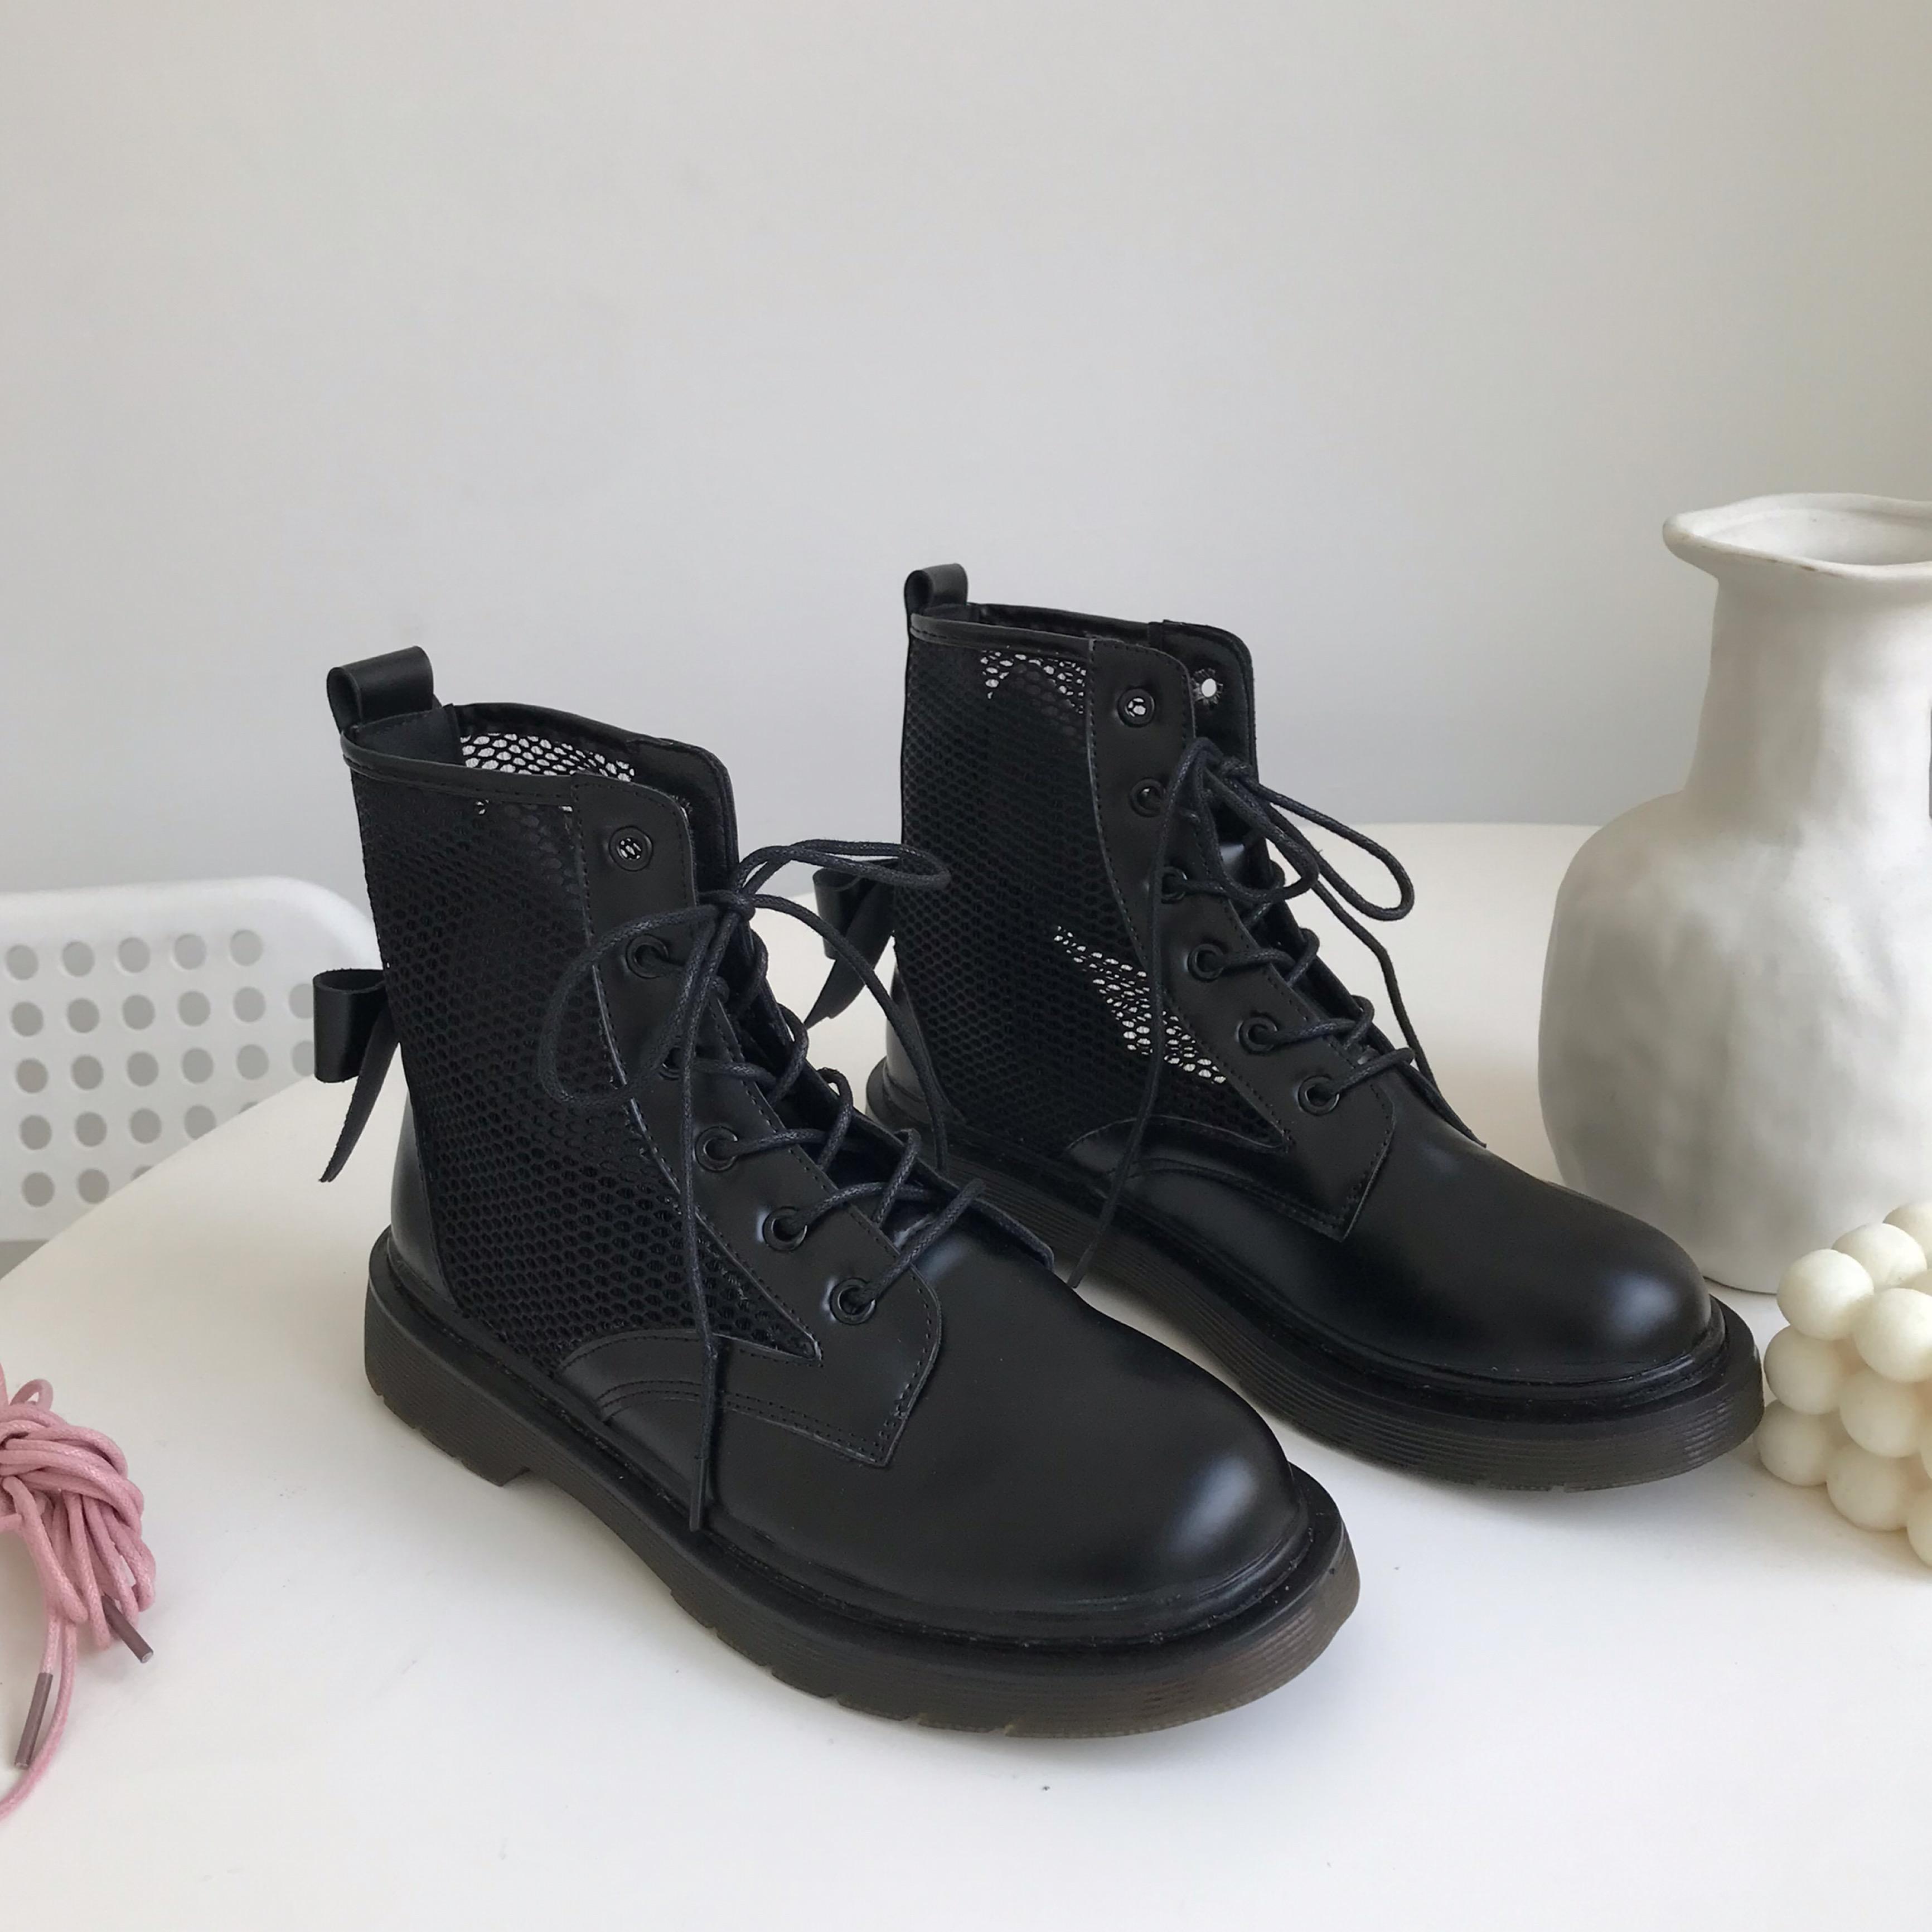 夏天穿马丁靴奇怪吗,根据舒适度和喜欢选择即可